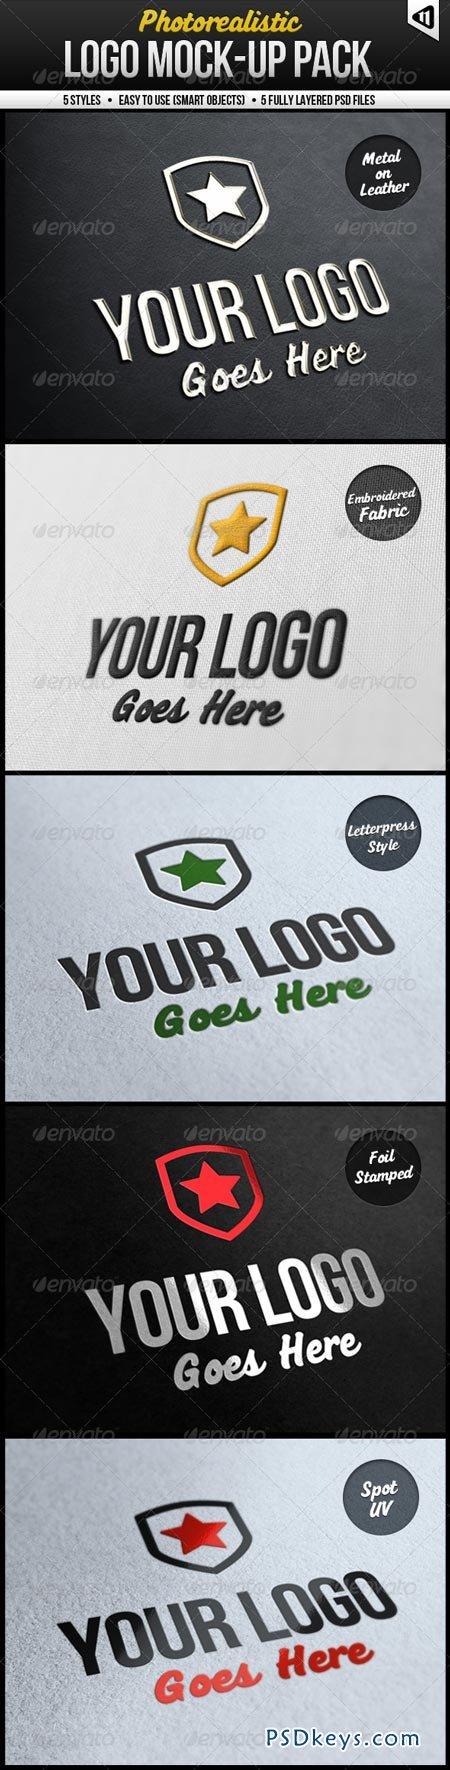 Photorealistic Logo Mock-Up Pack 575399